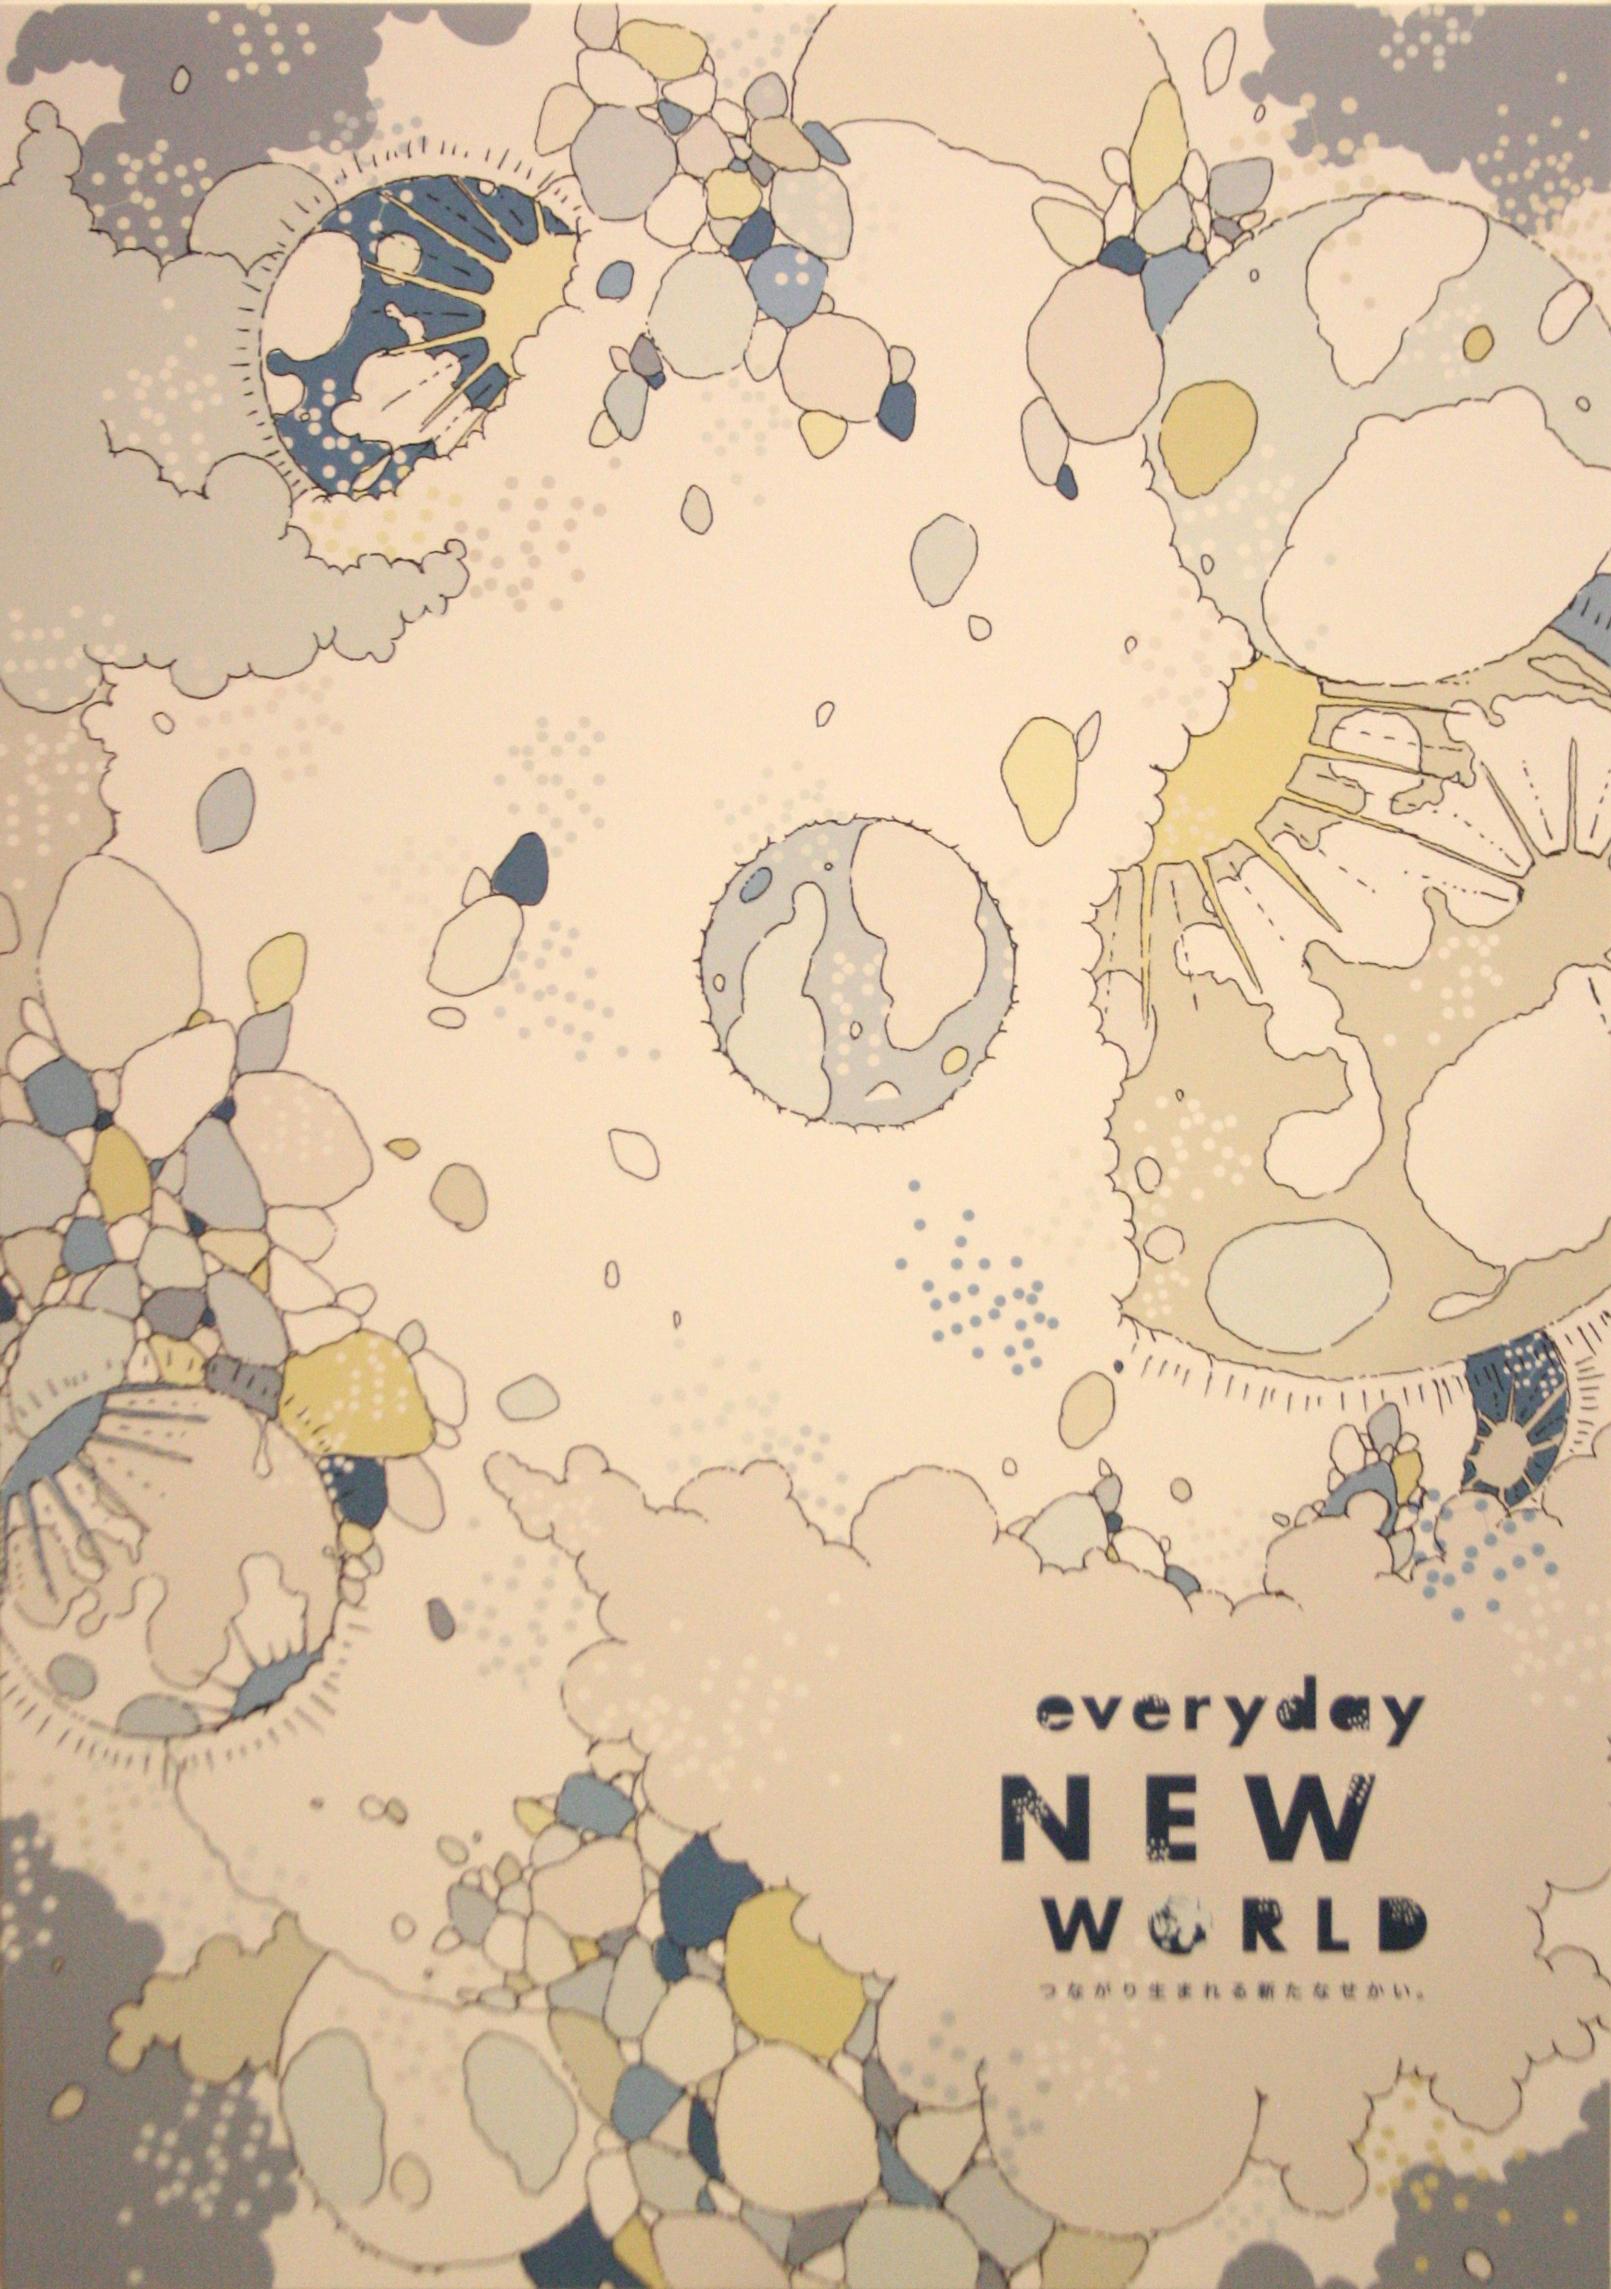 グラフィックデザイン 「 everyday new world 」 笠井 美希 作